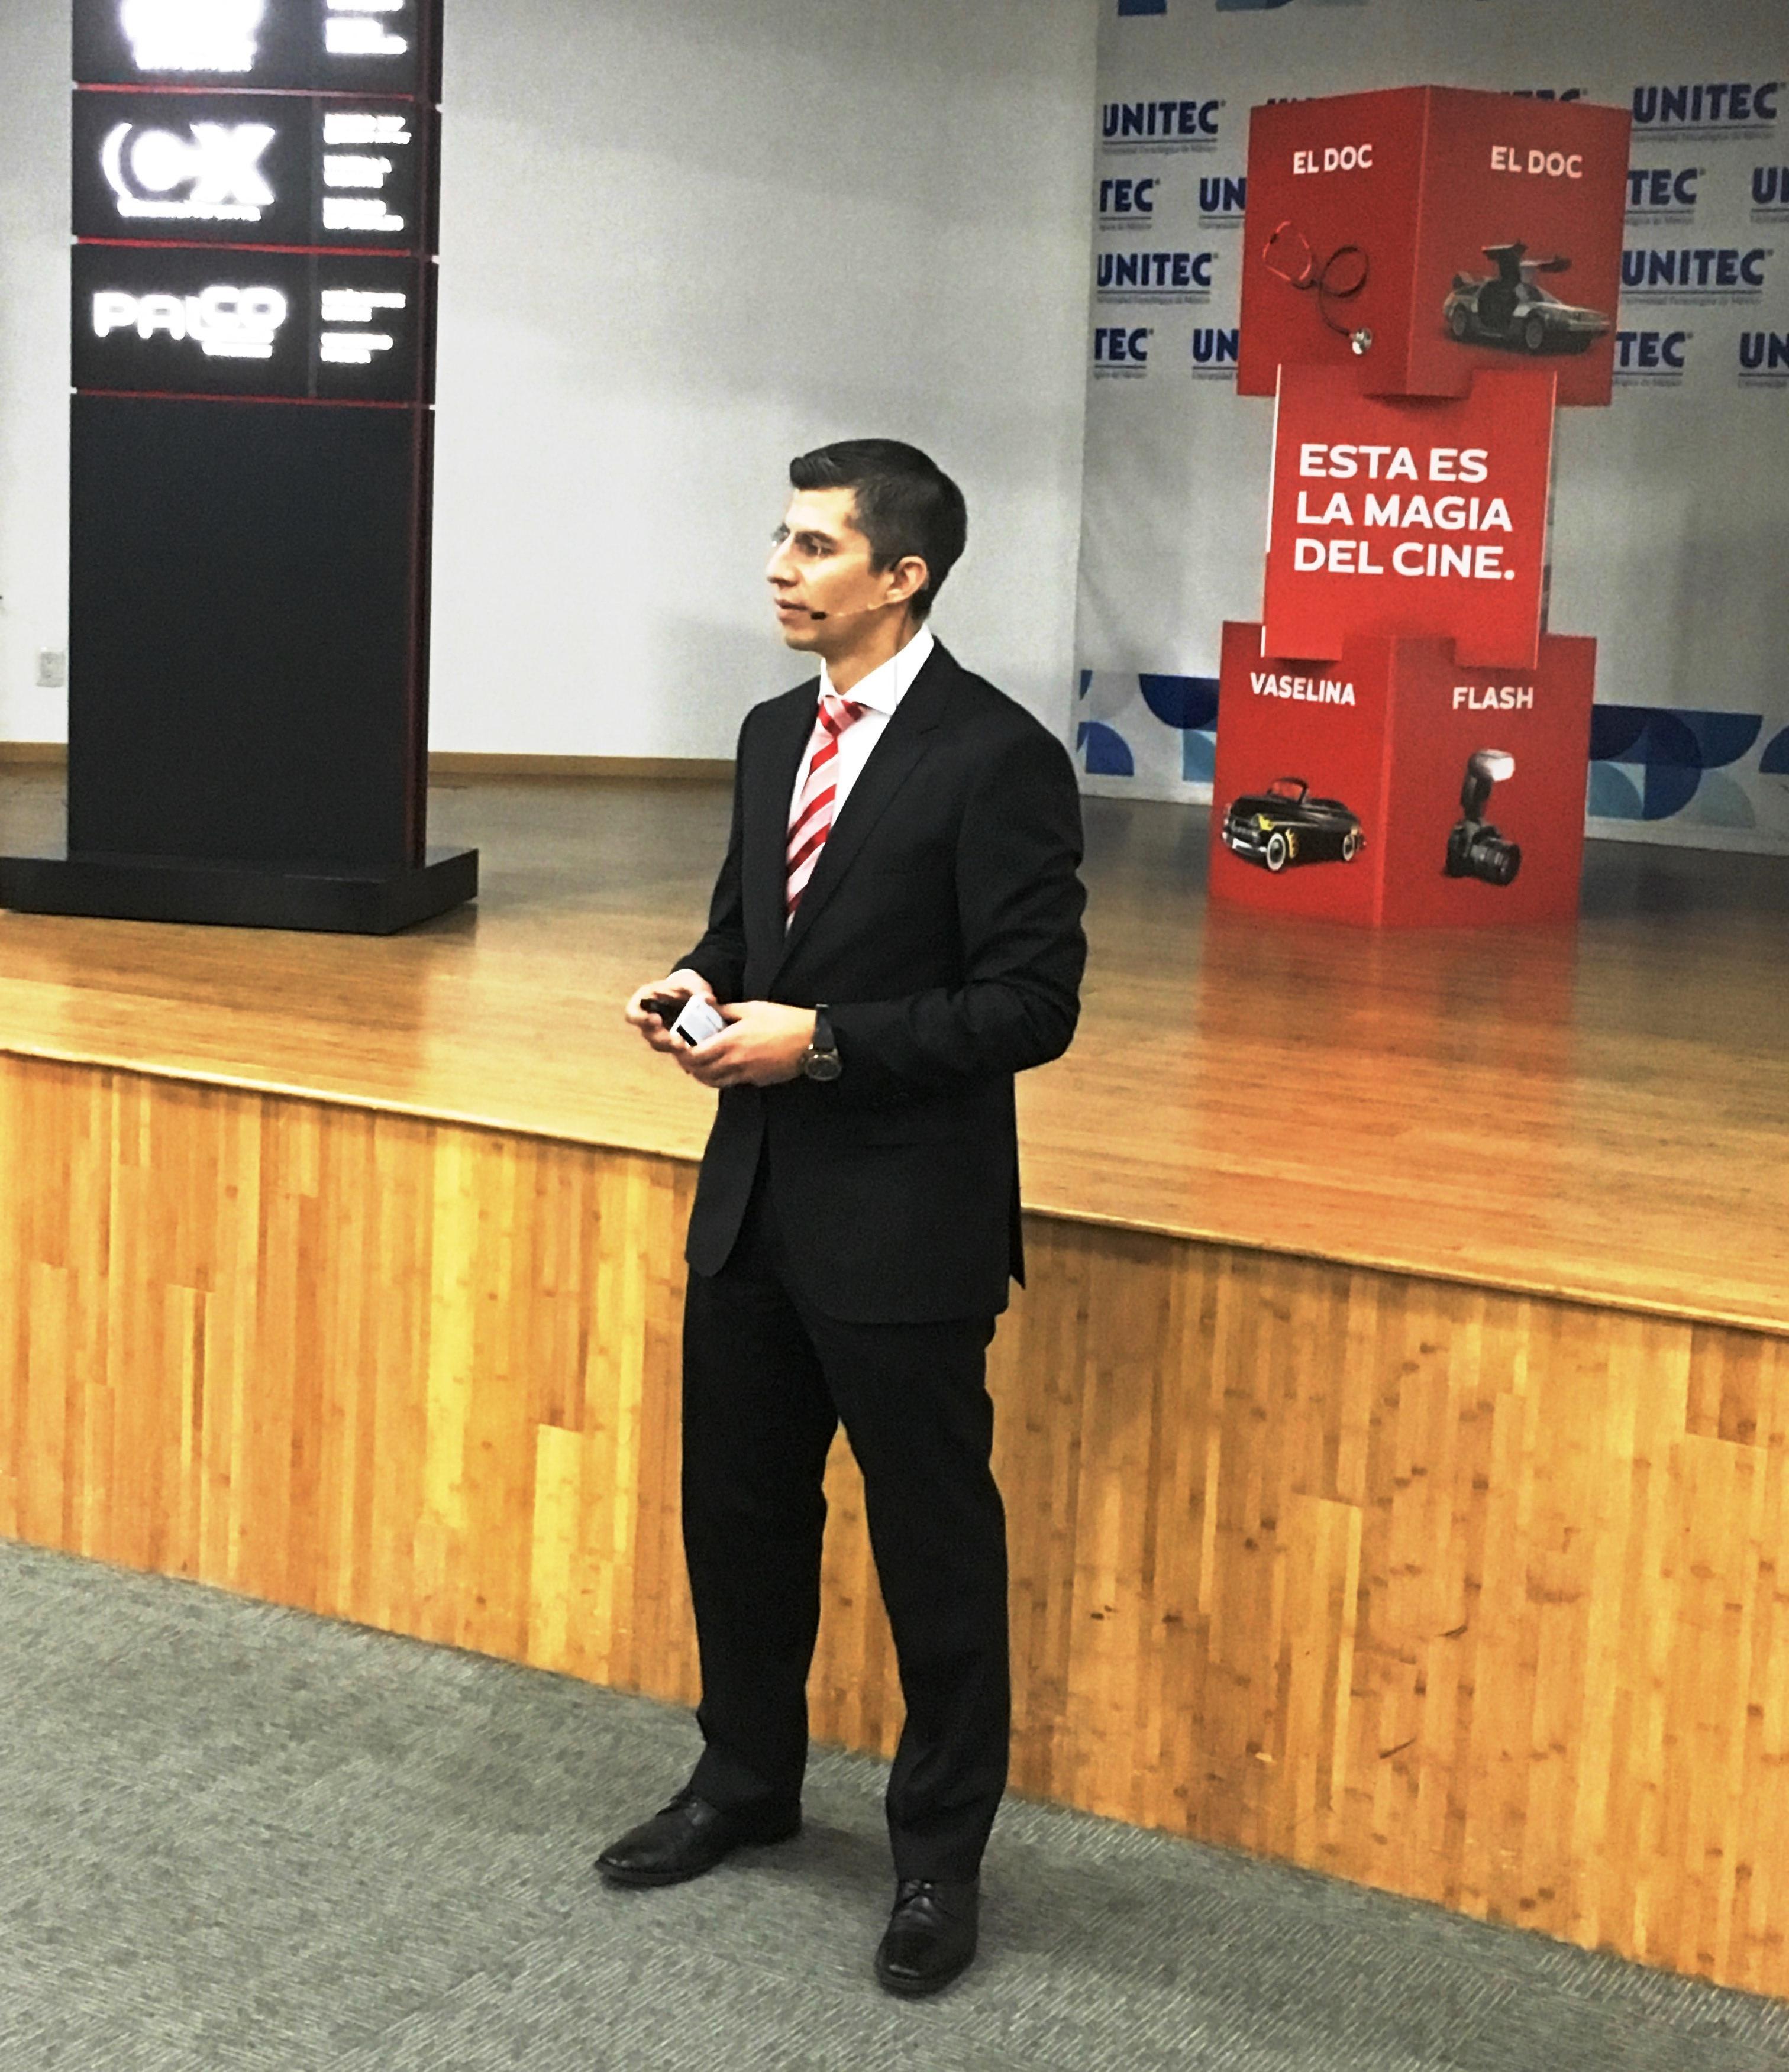 Egresado UNITEC habla del futuro de la industria del cine en Campus Sur